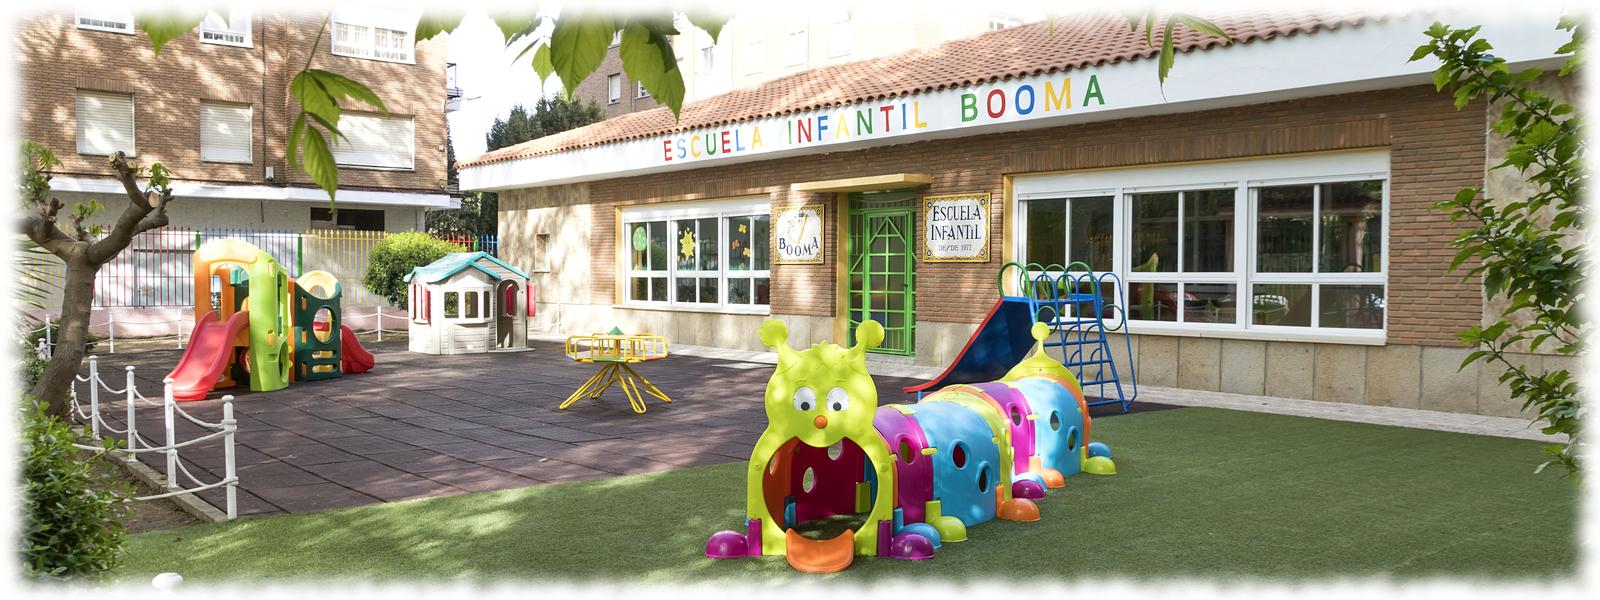 Juegos de patio exterior de la Escuela Infantil Booma en Talavera de la Reina